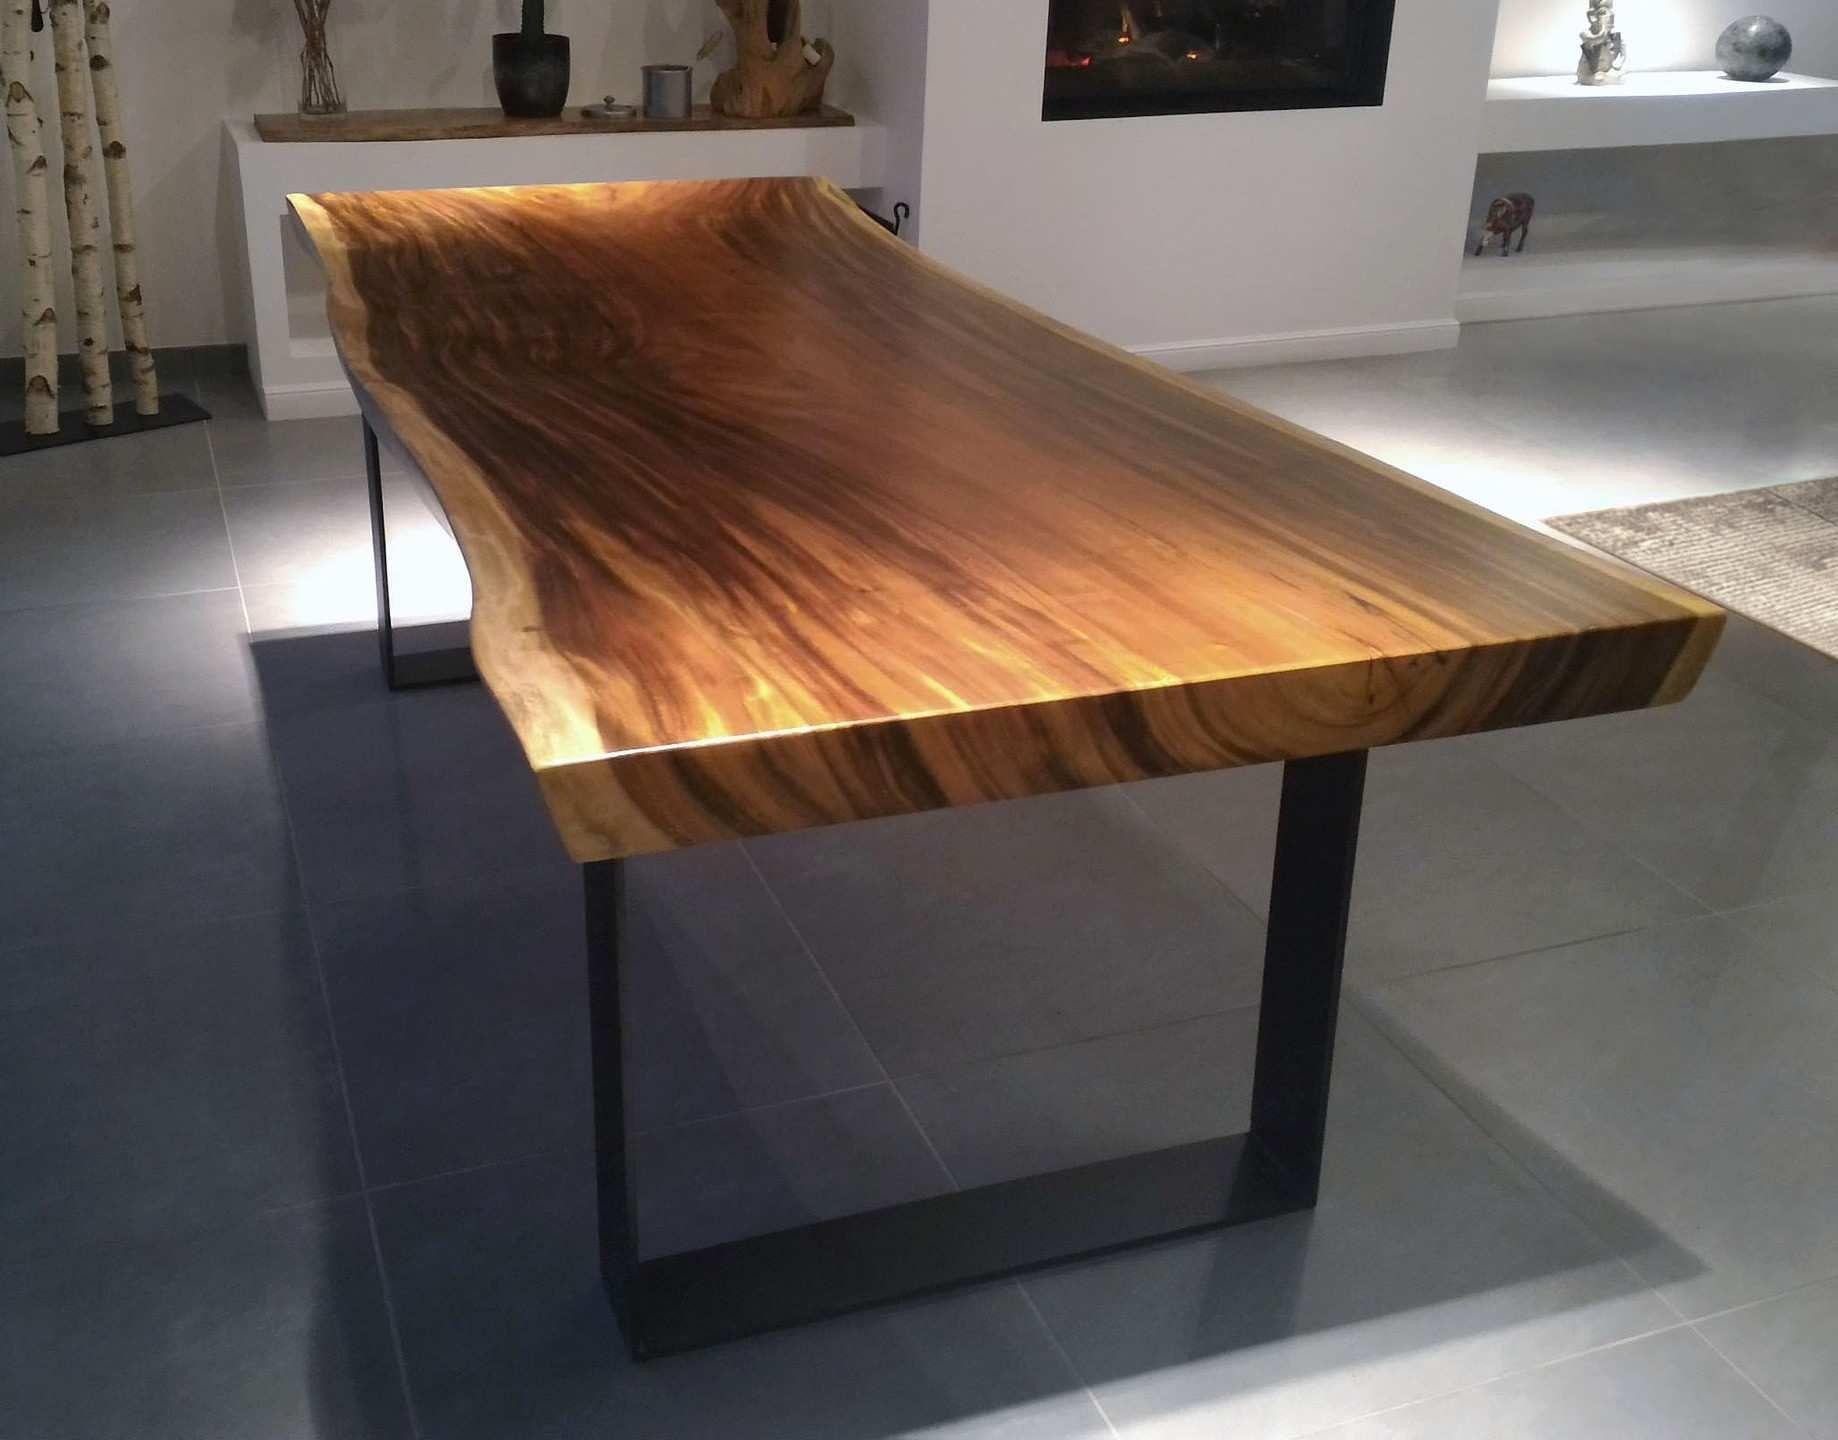 Resultat De Recherche D Images Pour Plateau De Table Bois Massif Brut Live Edge Tisch Esszimmertisch Holz Live Rand Mobel